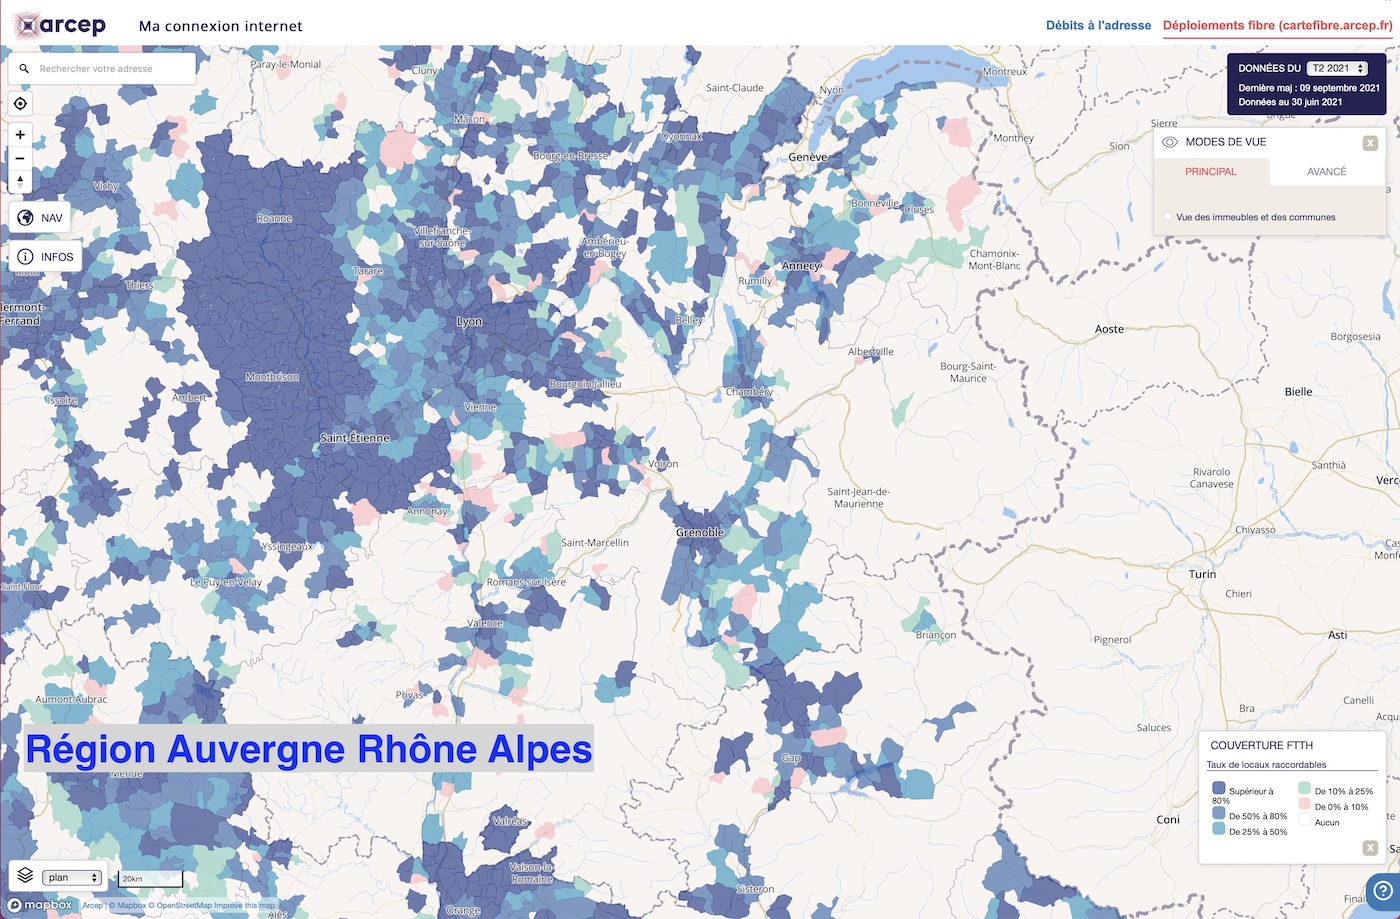 Carte deploiement fibre region auvergne rhone alpes